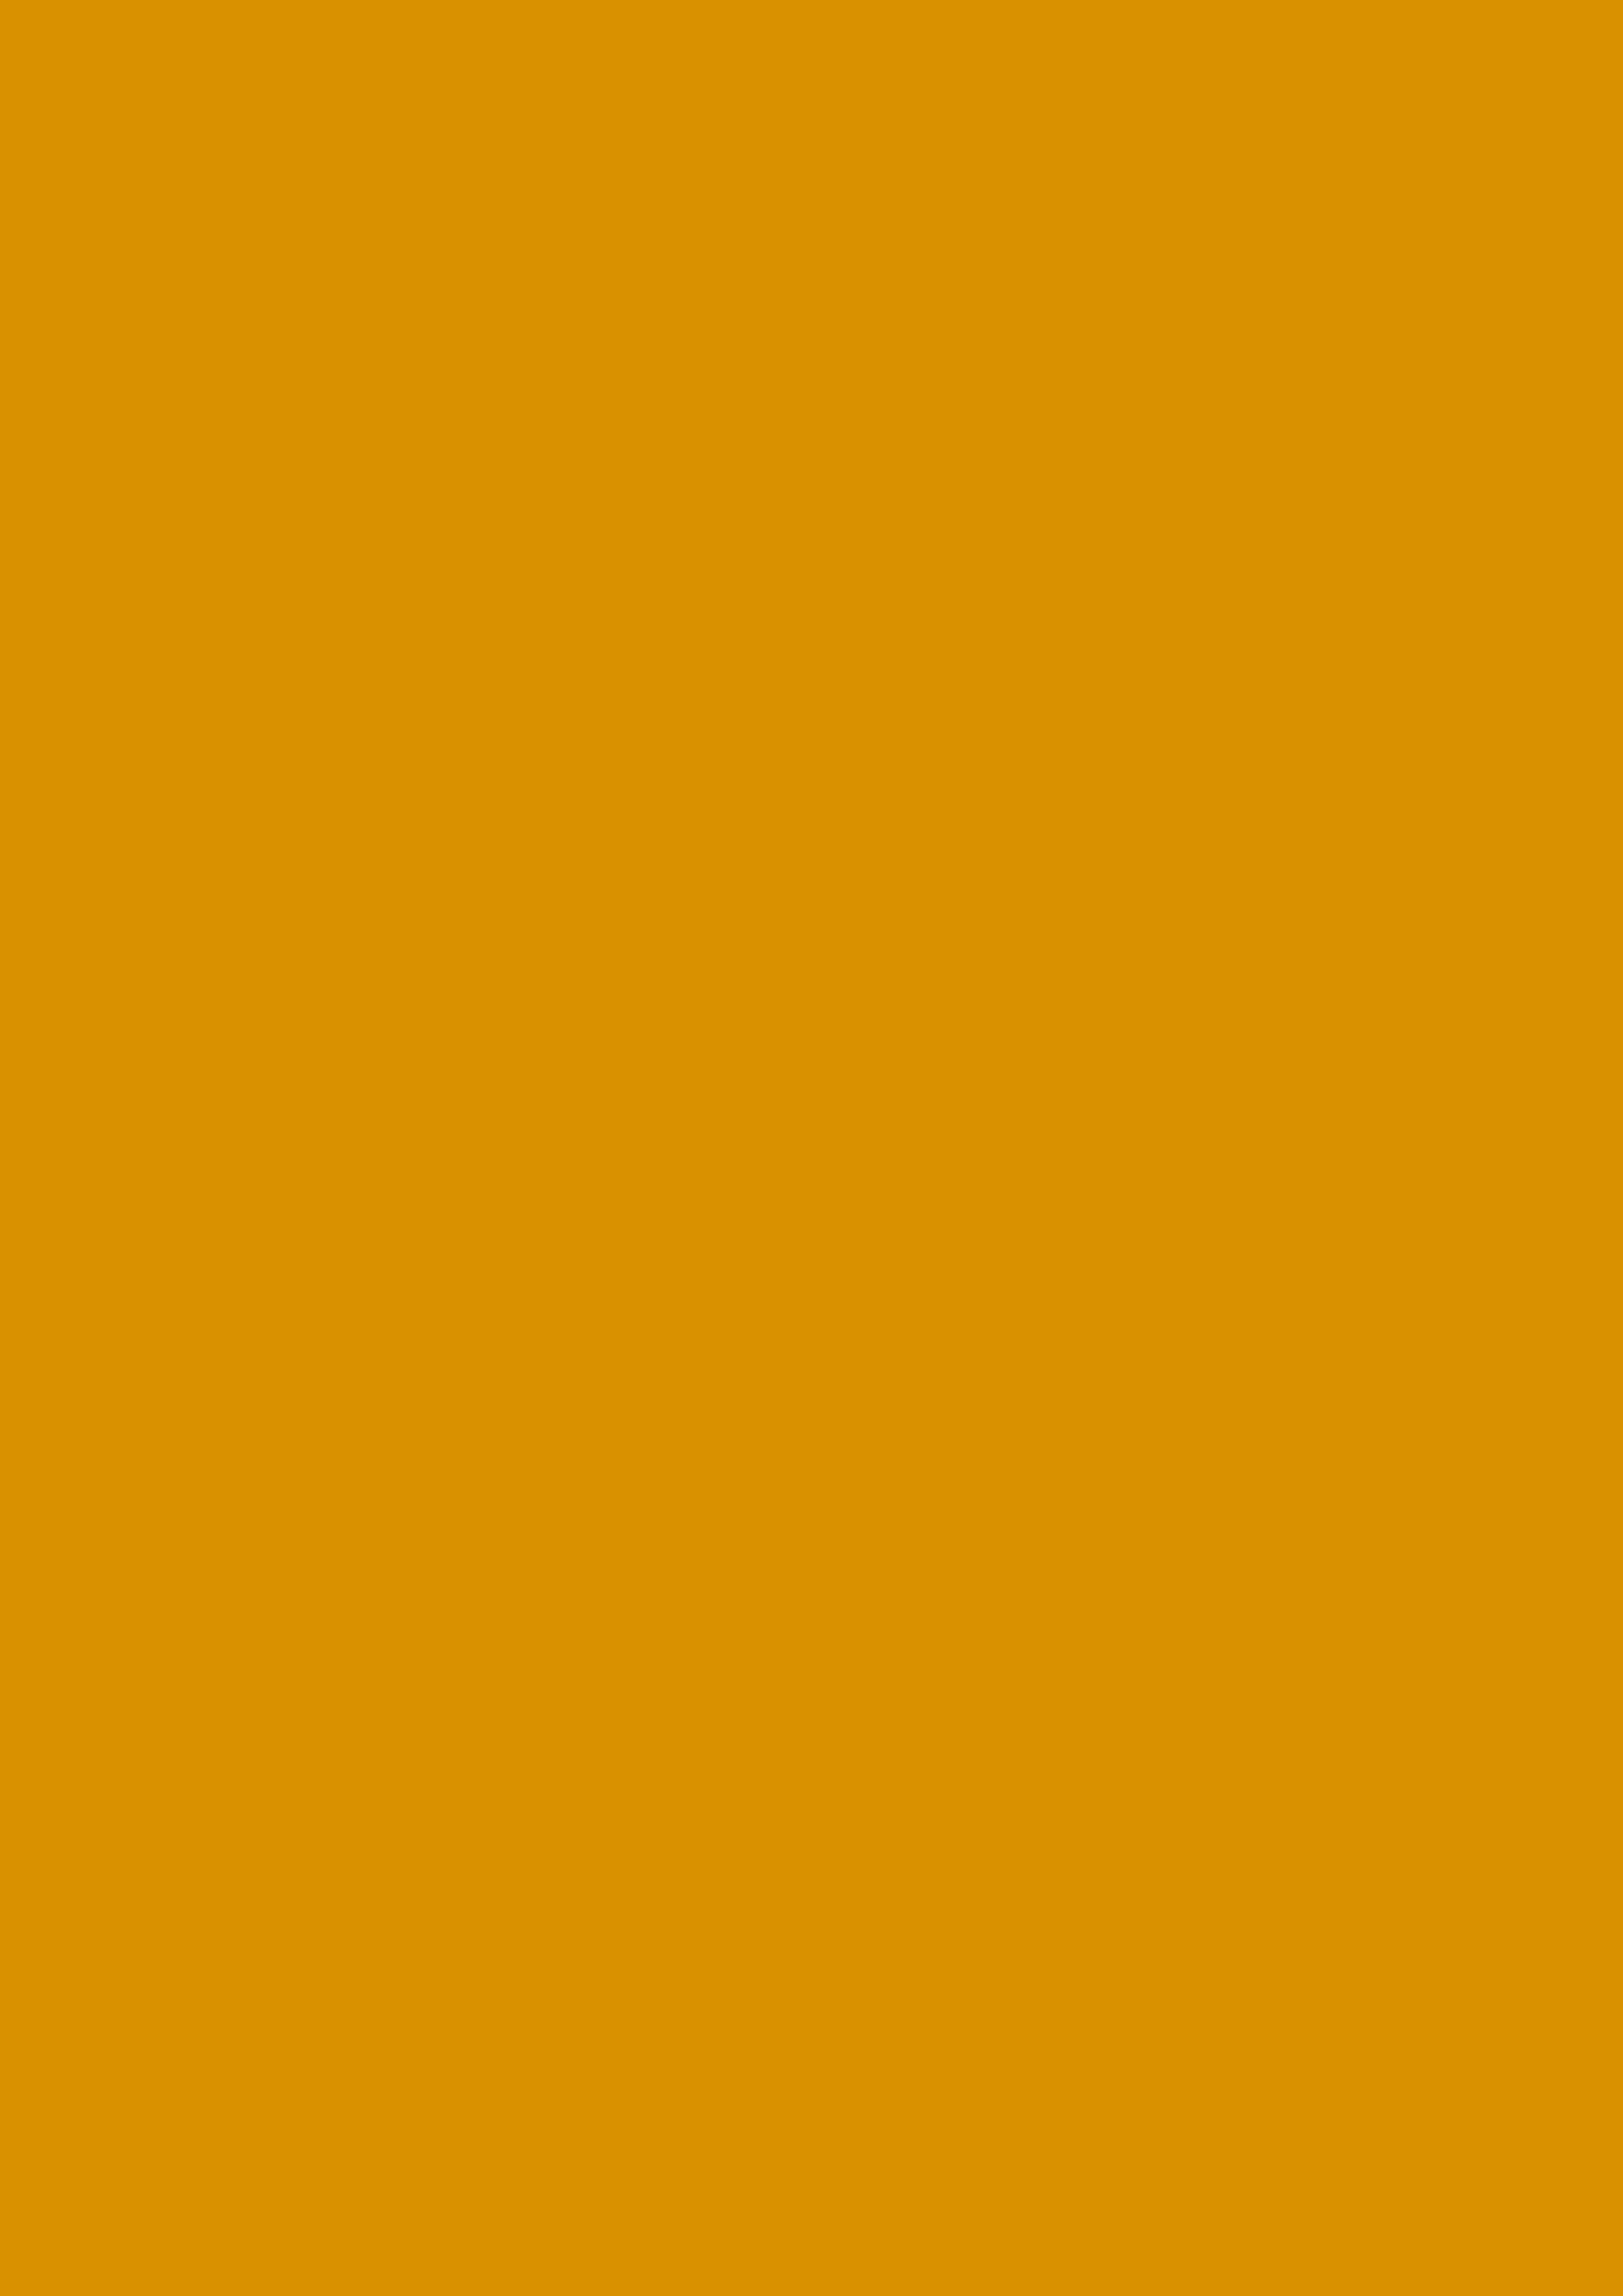 2480x3508 Harvest Gold Solid Color Background